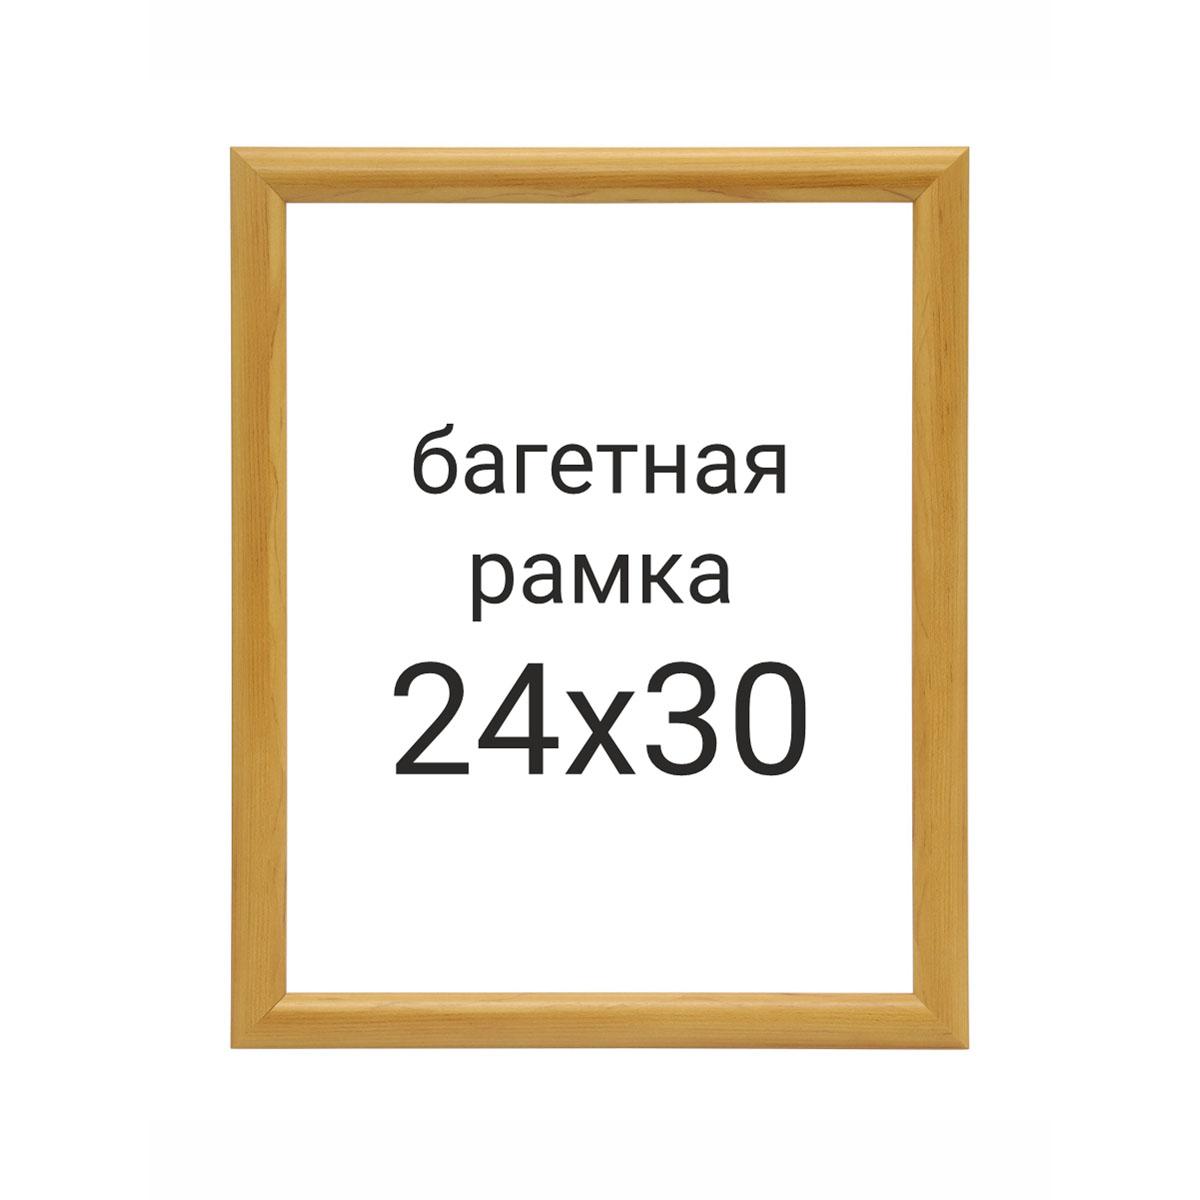 AH3 Рама со стеклом, 24х30 см